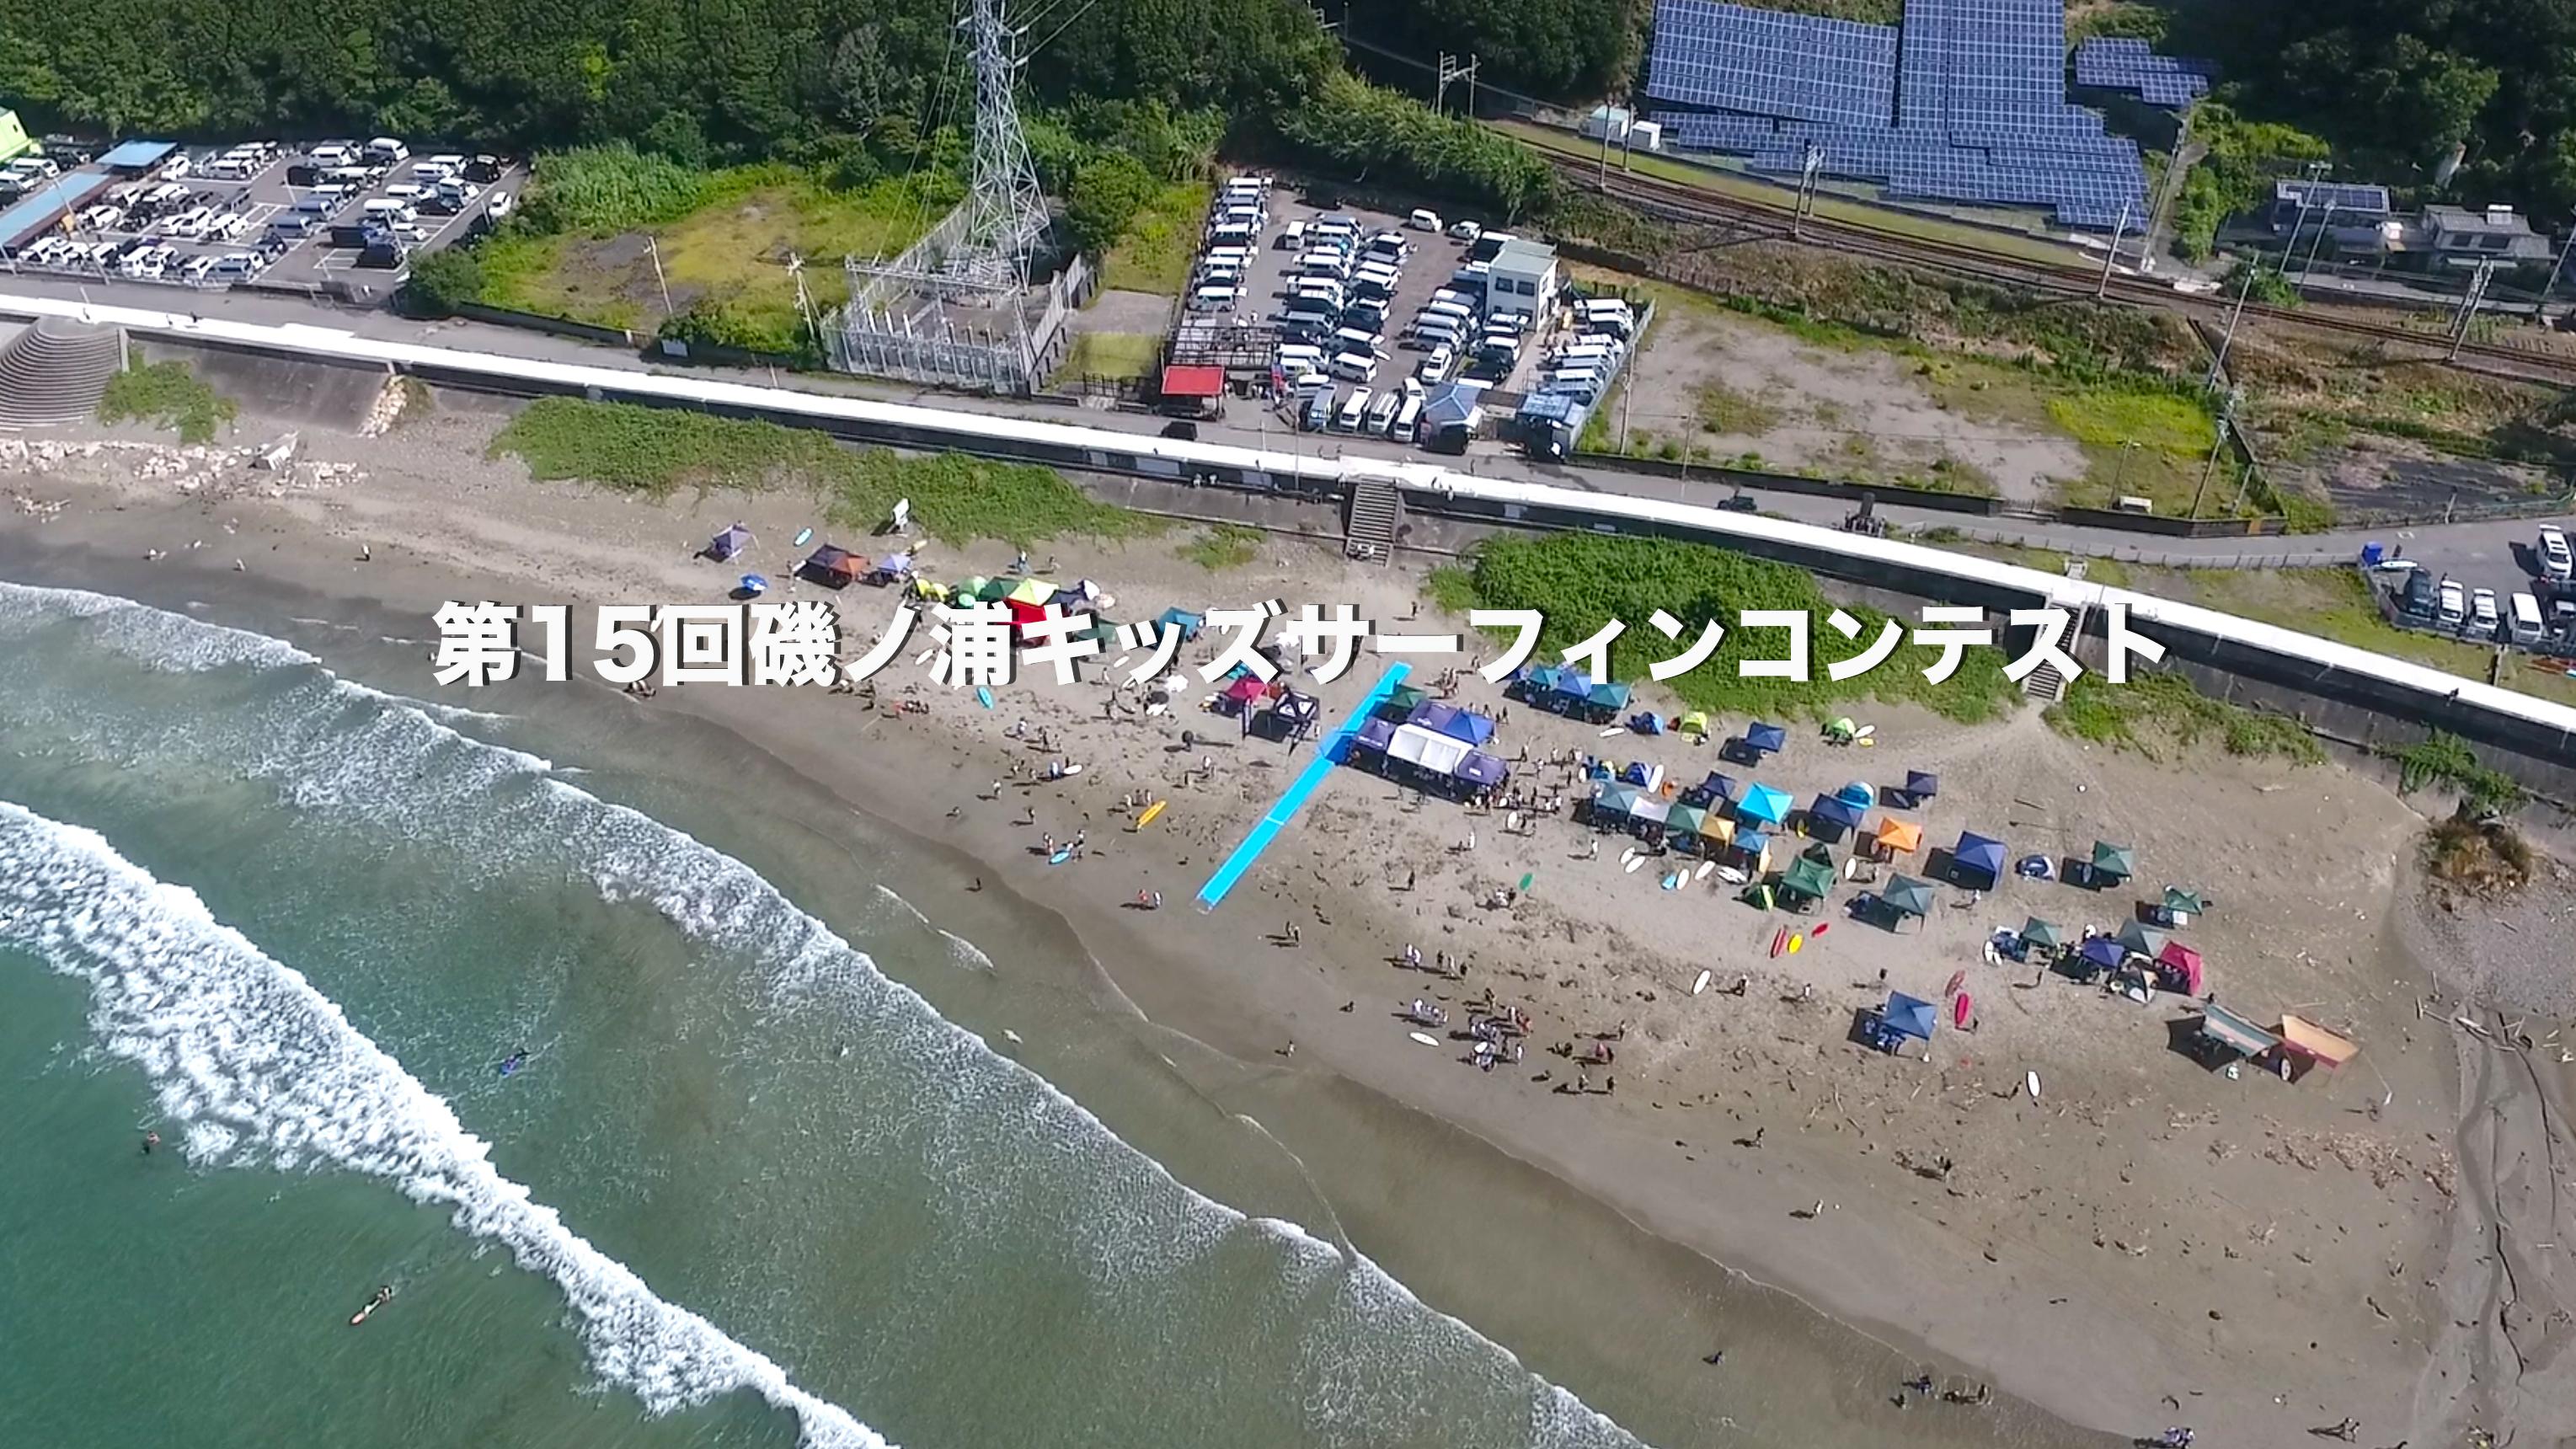 第15回磯ノ浦キッズサーフィンコンテスト に行ってきました。